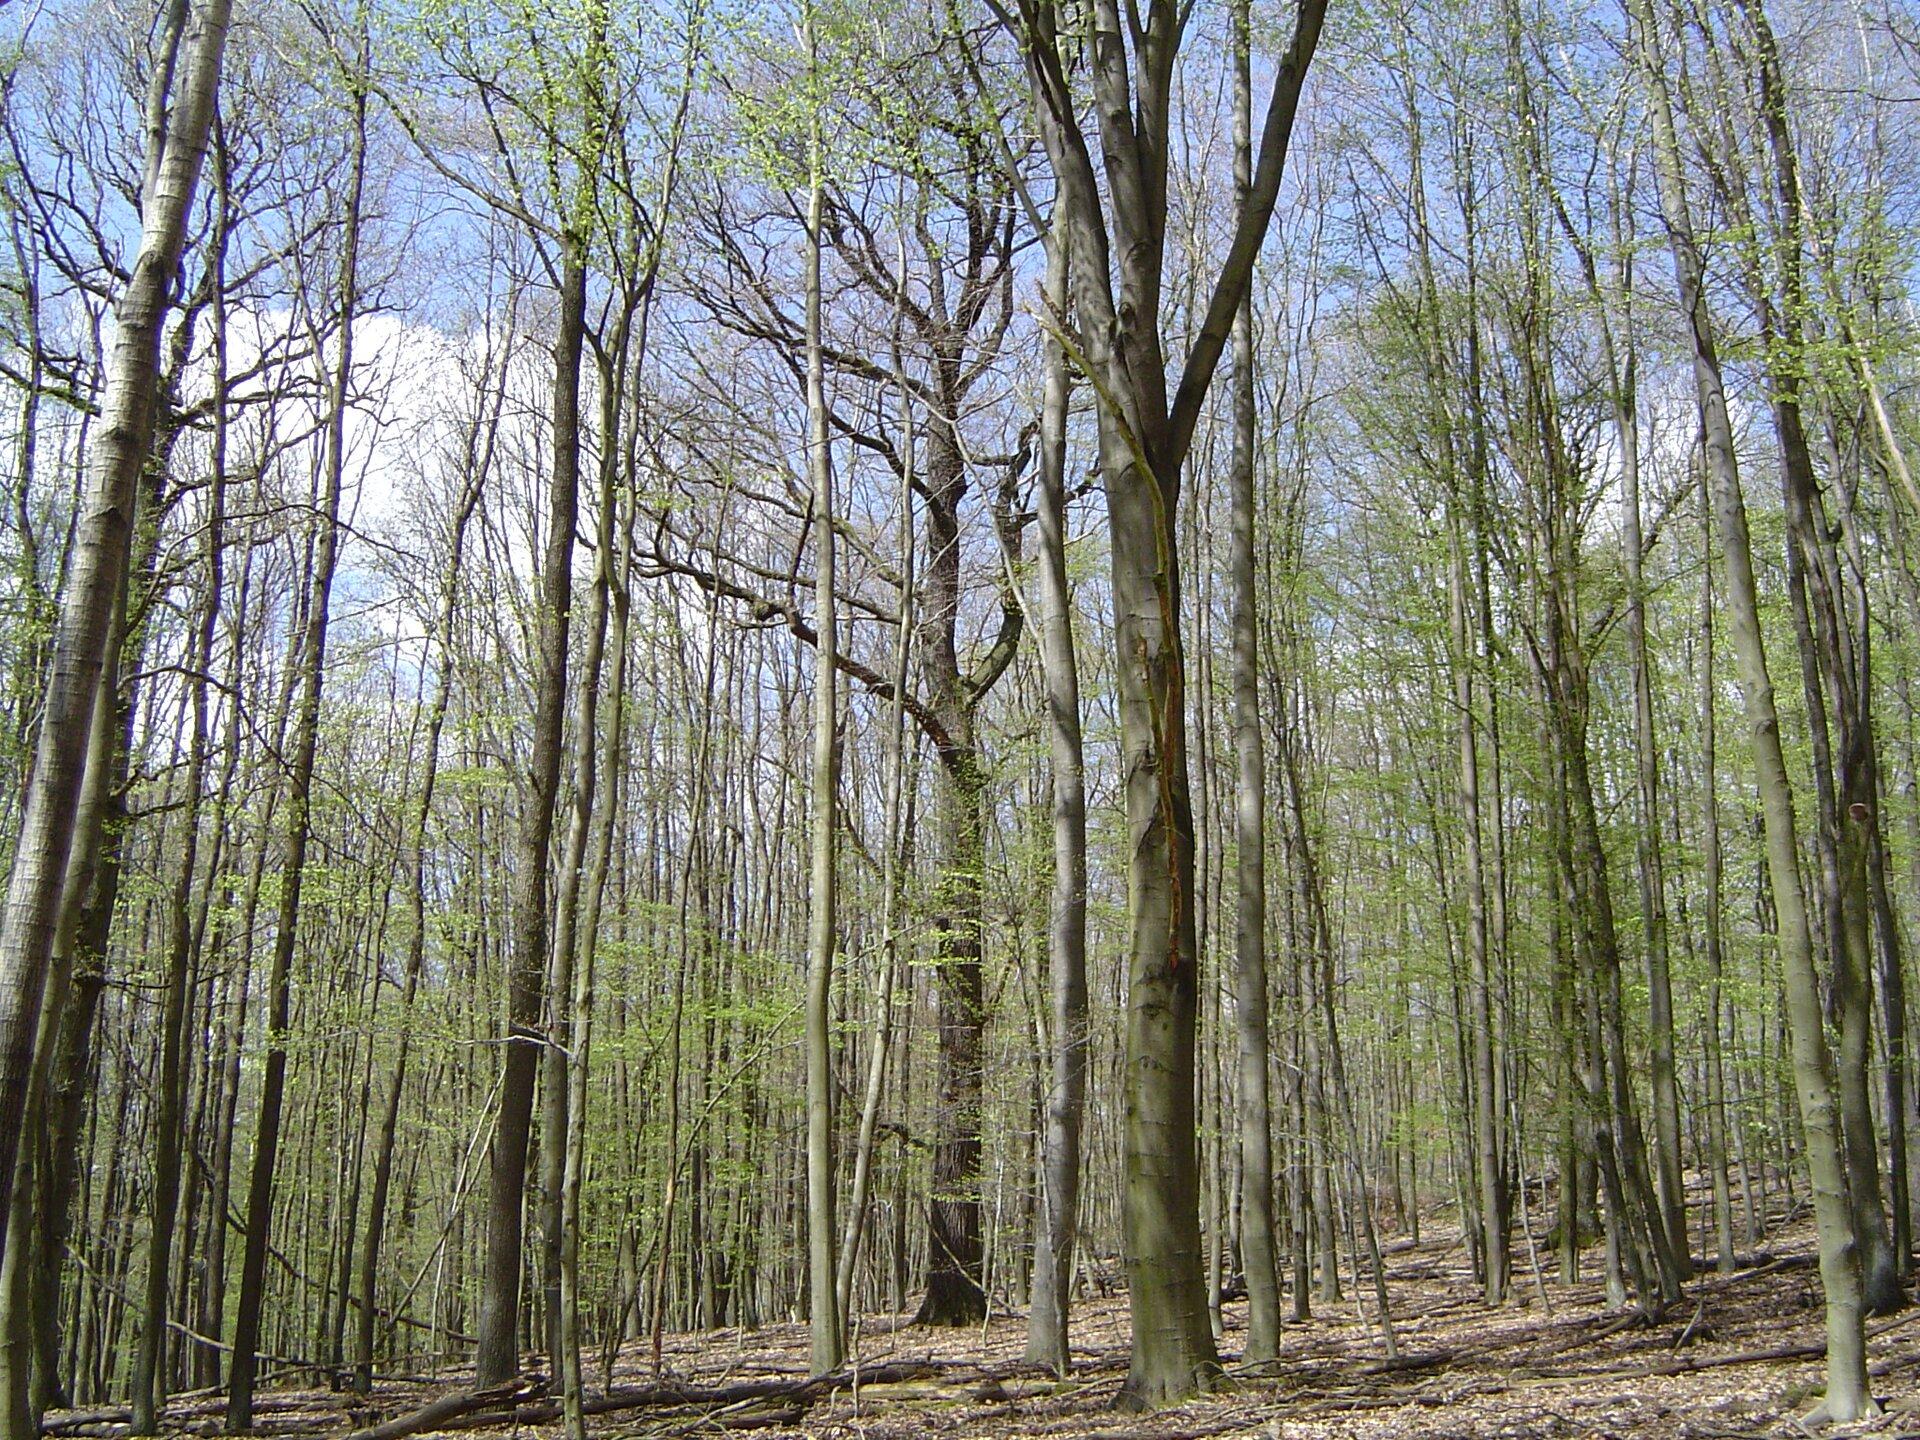 Fotografia przedstawia wnętrze lasu liściastego strefy umiarkowanej wczesną wiosną. Drzewa dopiero pokrywają się delikatnie zielonymi liśćmi. Runo jest suche.